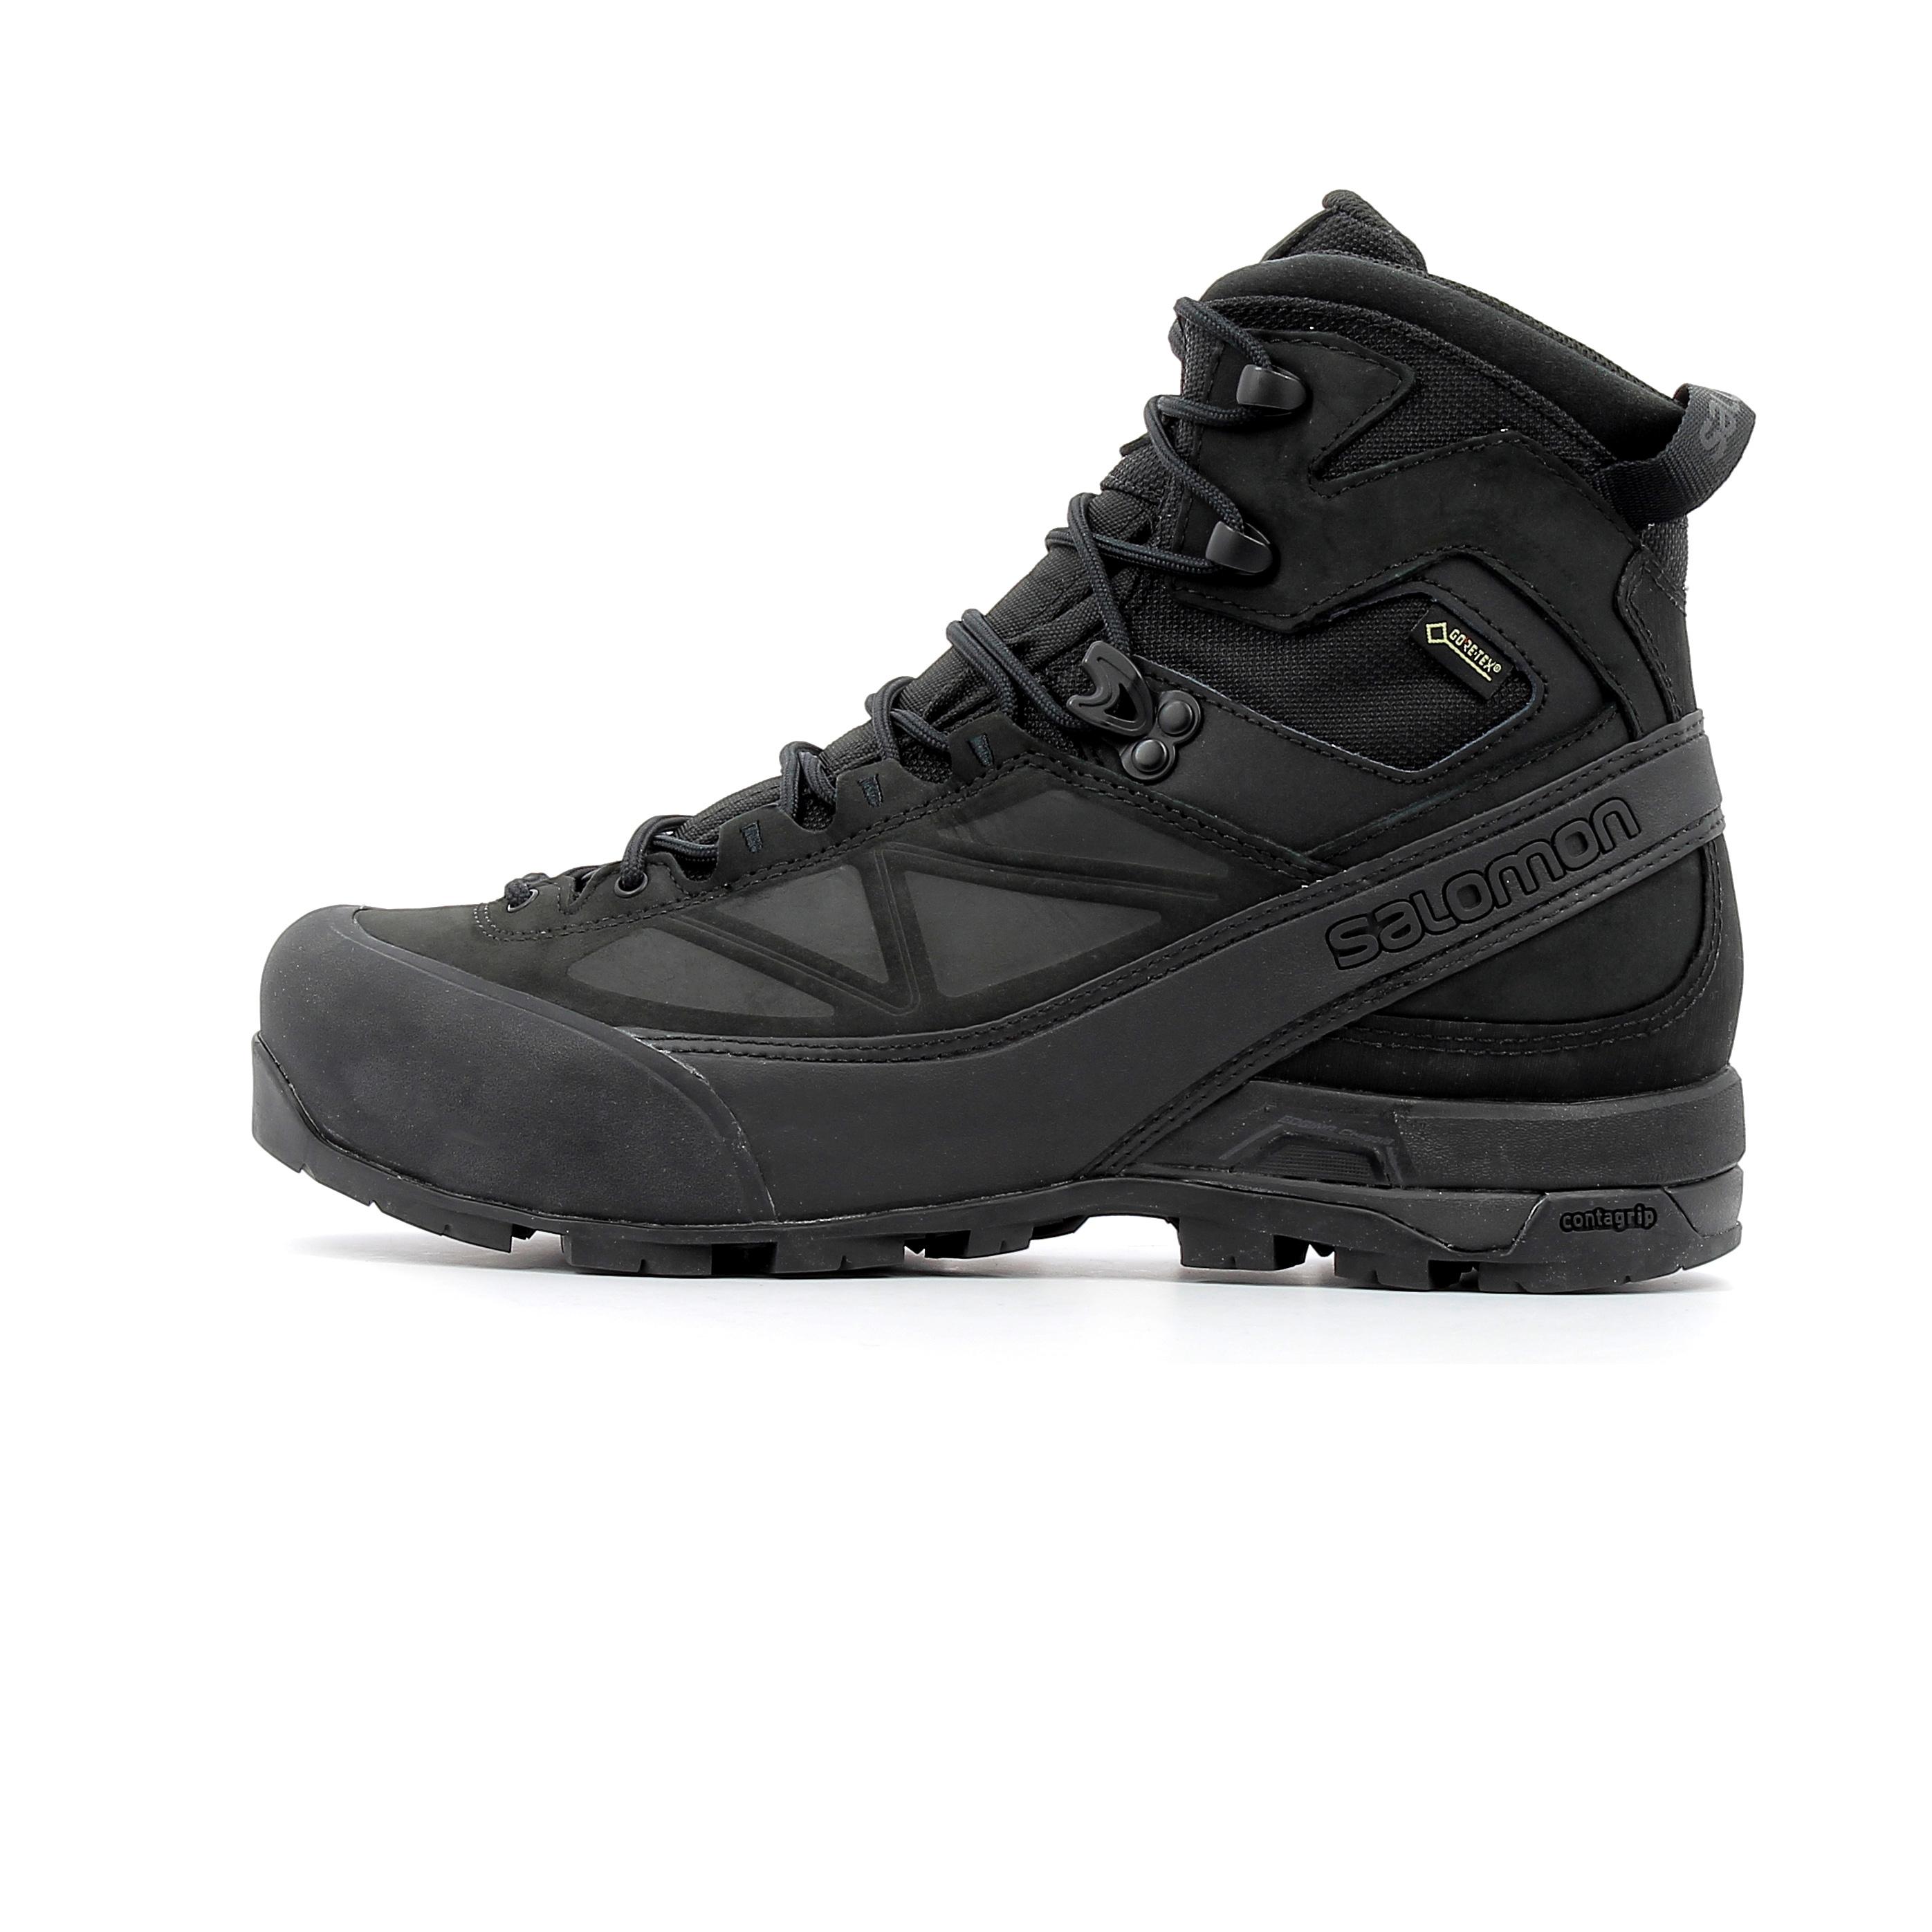 100% authentique 8ea5a 3a305 Chaussure de randonnée en cuir Salomon X ALP MNT Gore-Tex